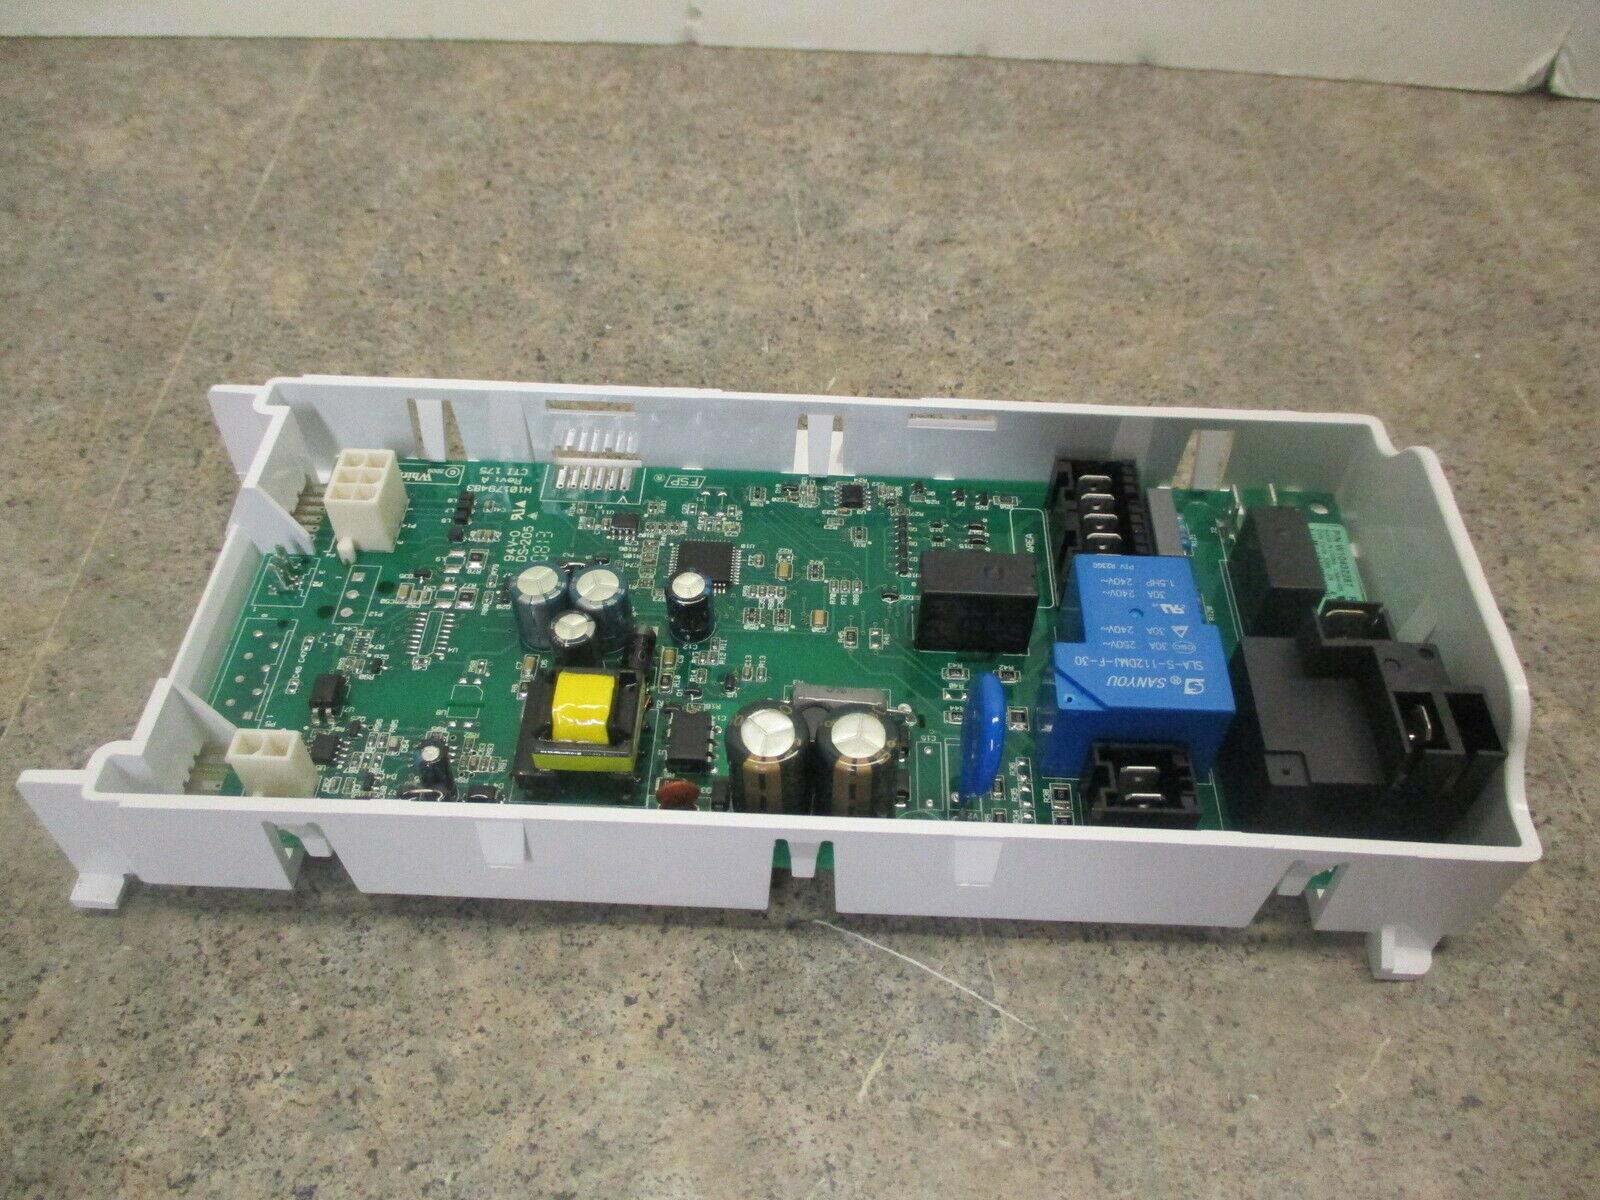 MAYTAG DRYER CONTROL BOARD PART # W10432257